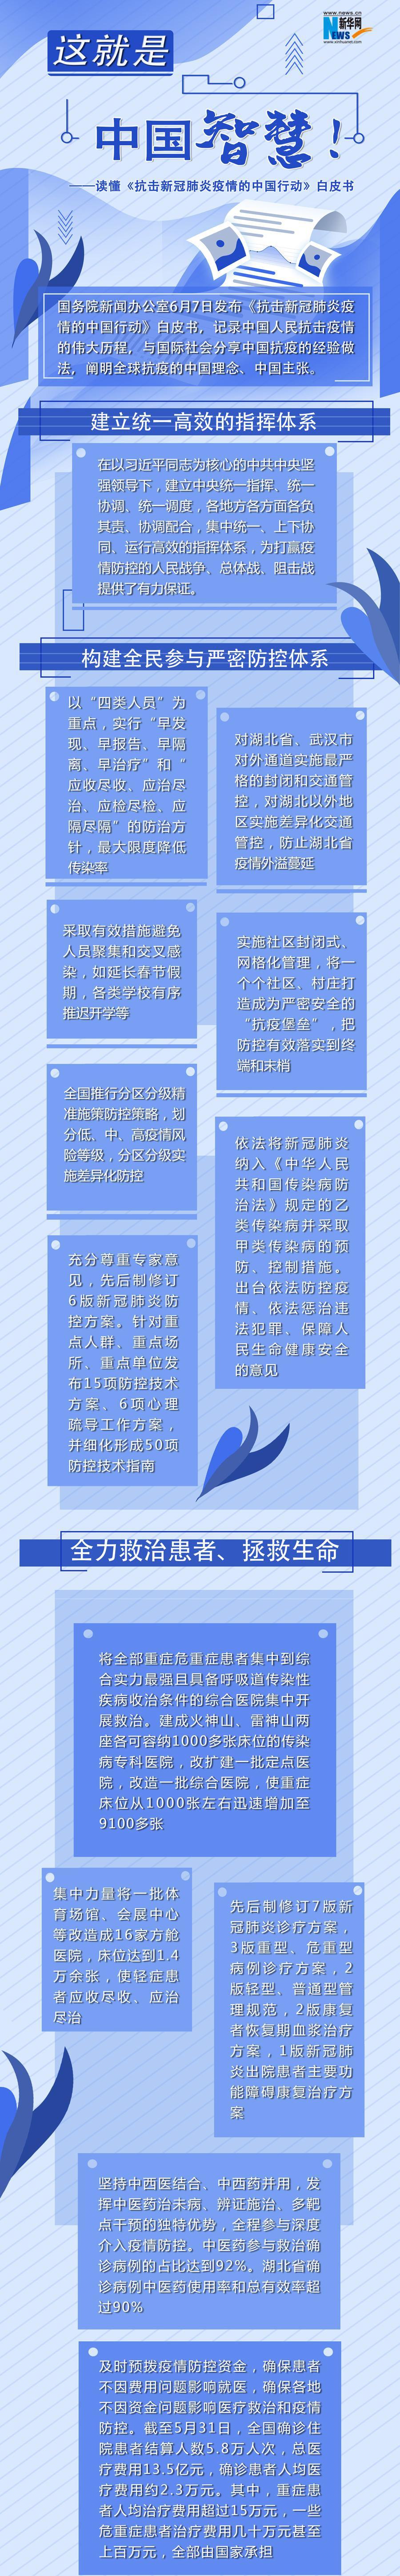 摩天娱乐是中国智摩天娱乐慧读懂抗击新冠图片